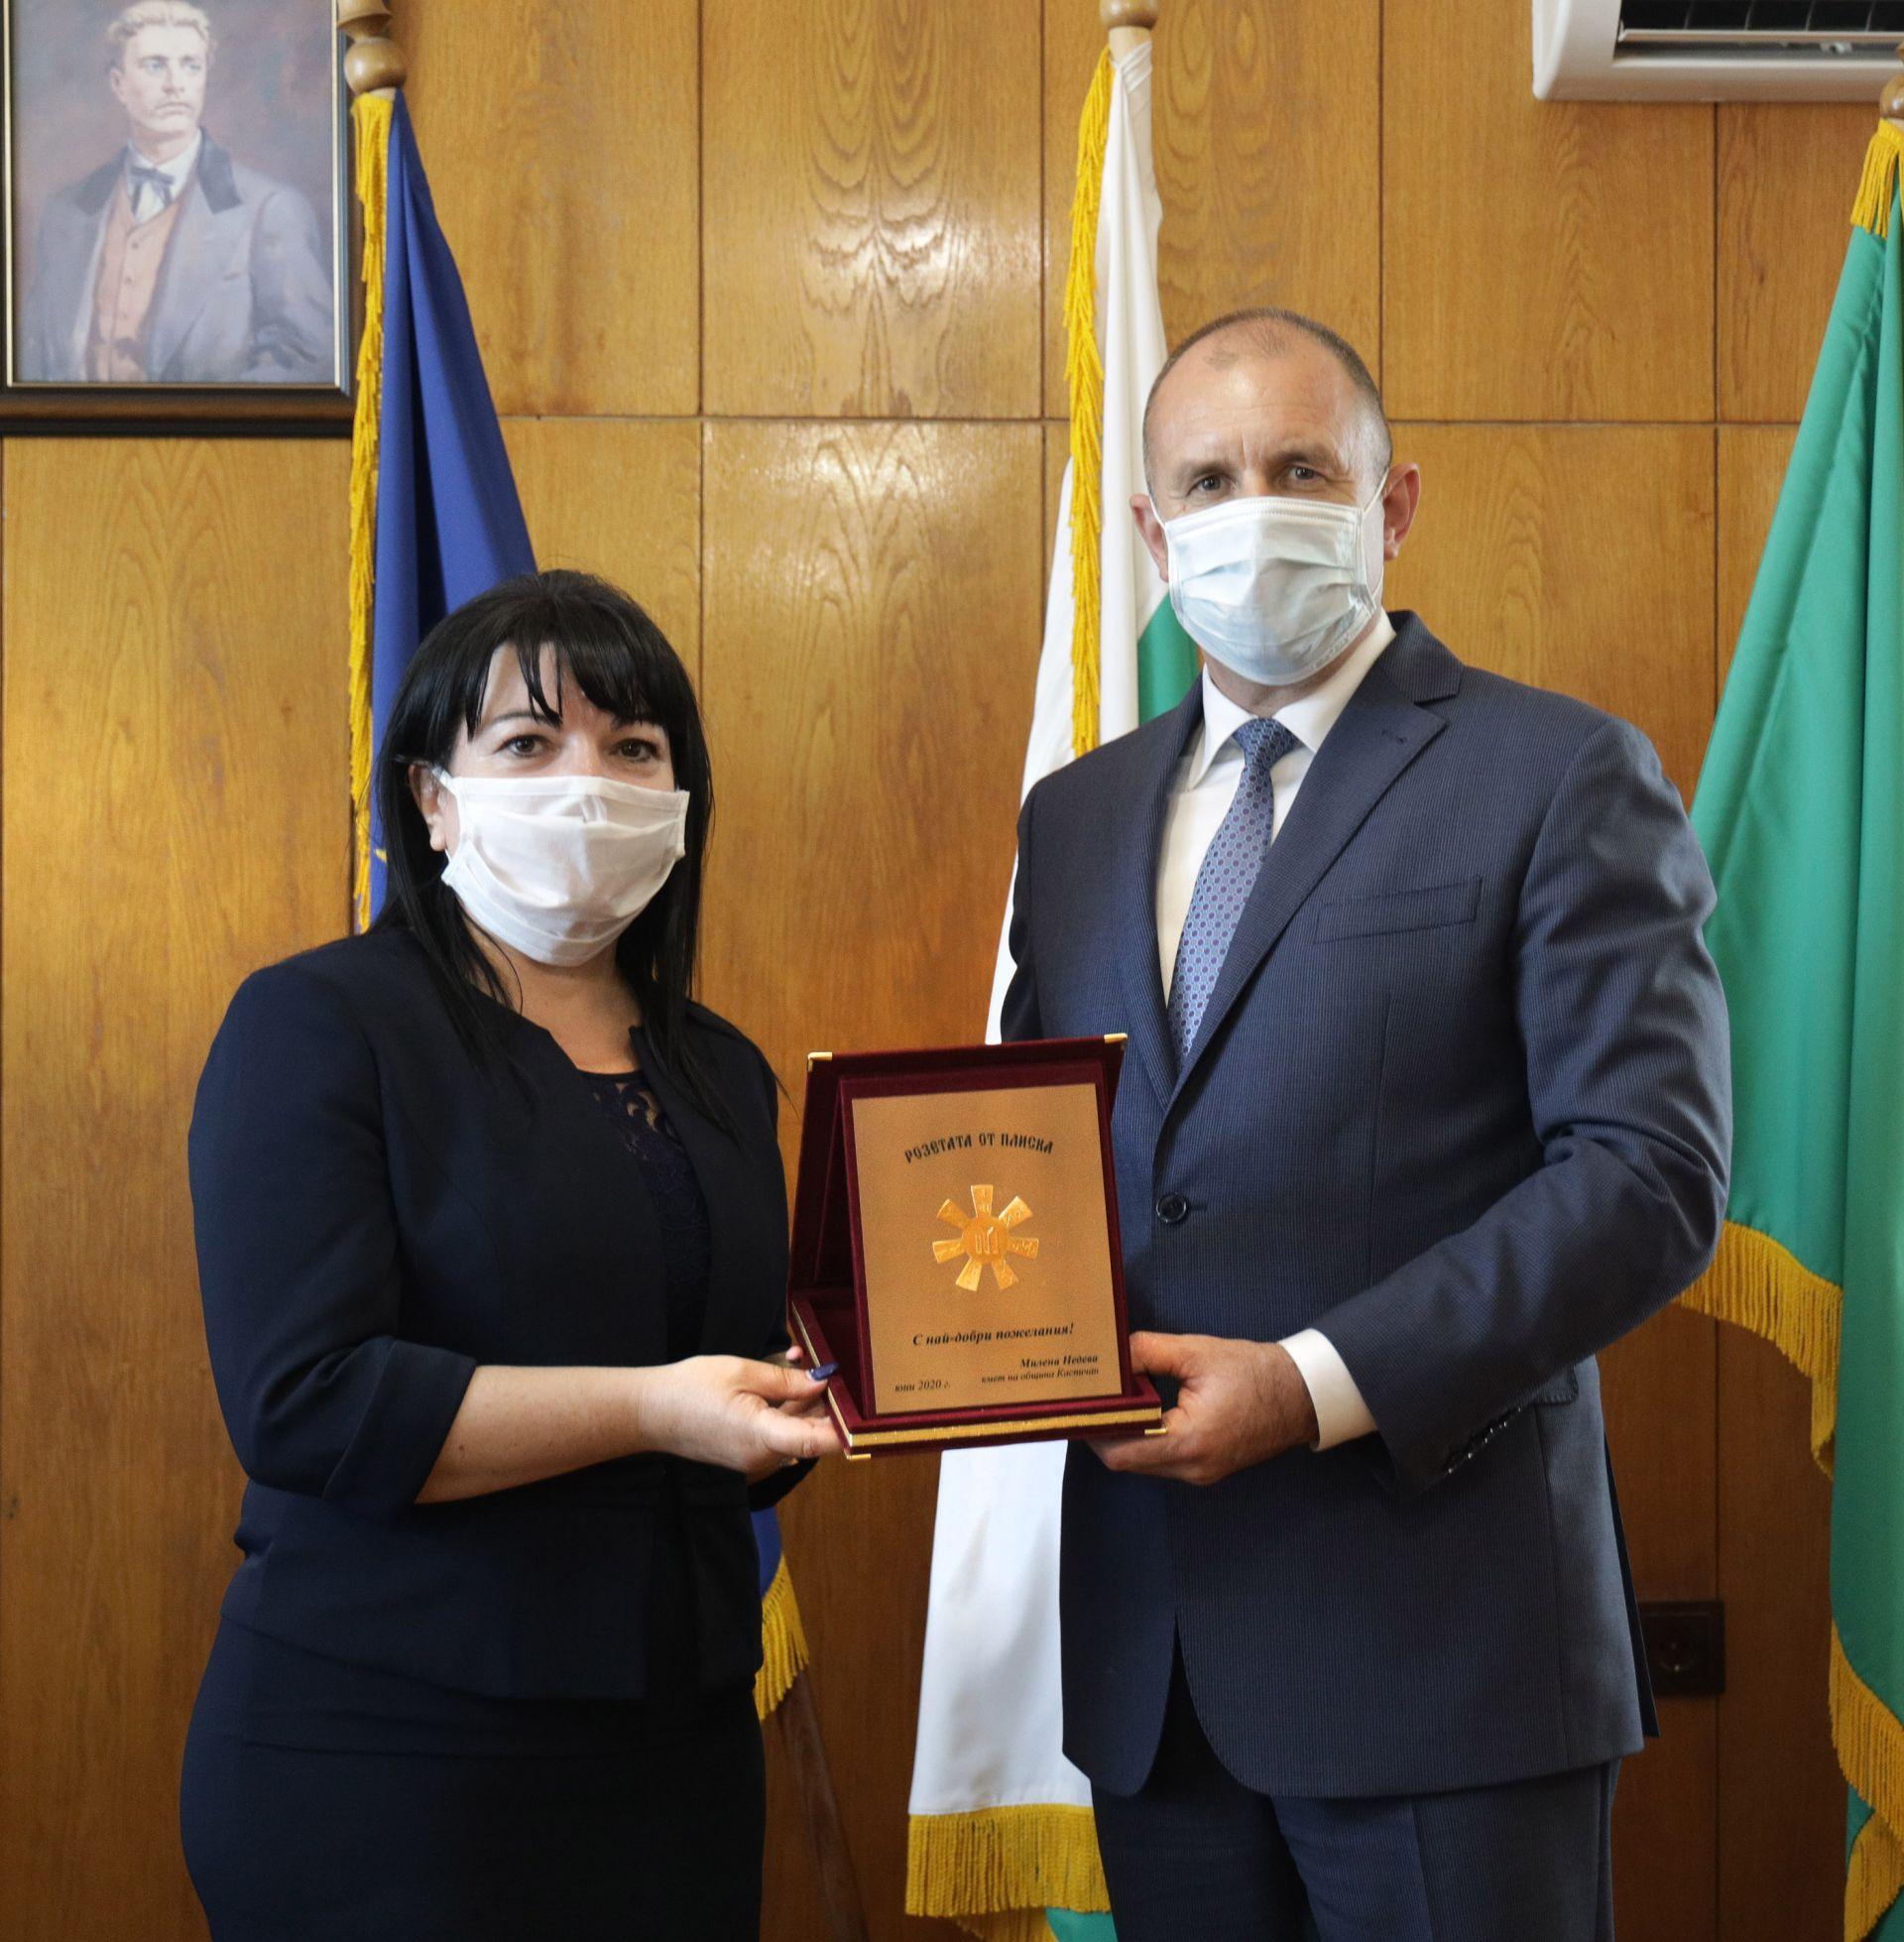 Президентът Румен Радев участва в тържественото честване на празника на Каспичан, а преди това се срещна с кмета на града Милена Недева и нейния екип